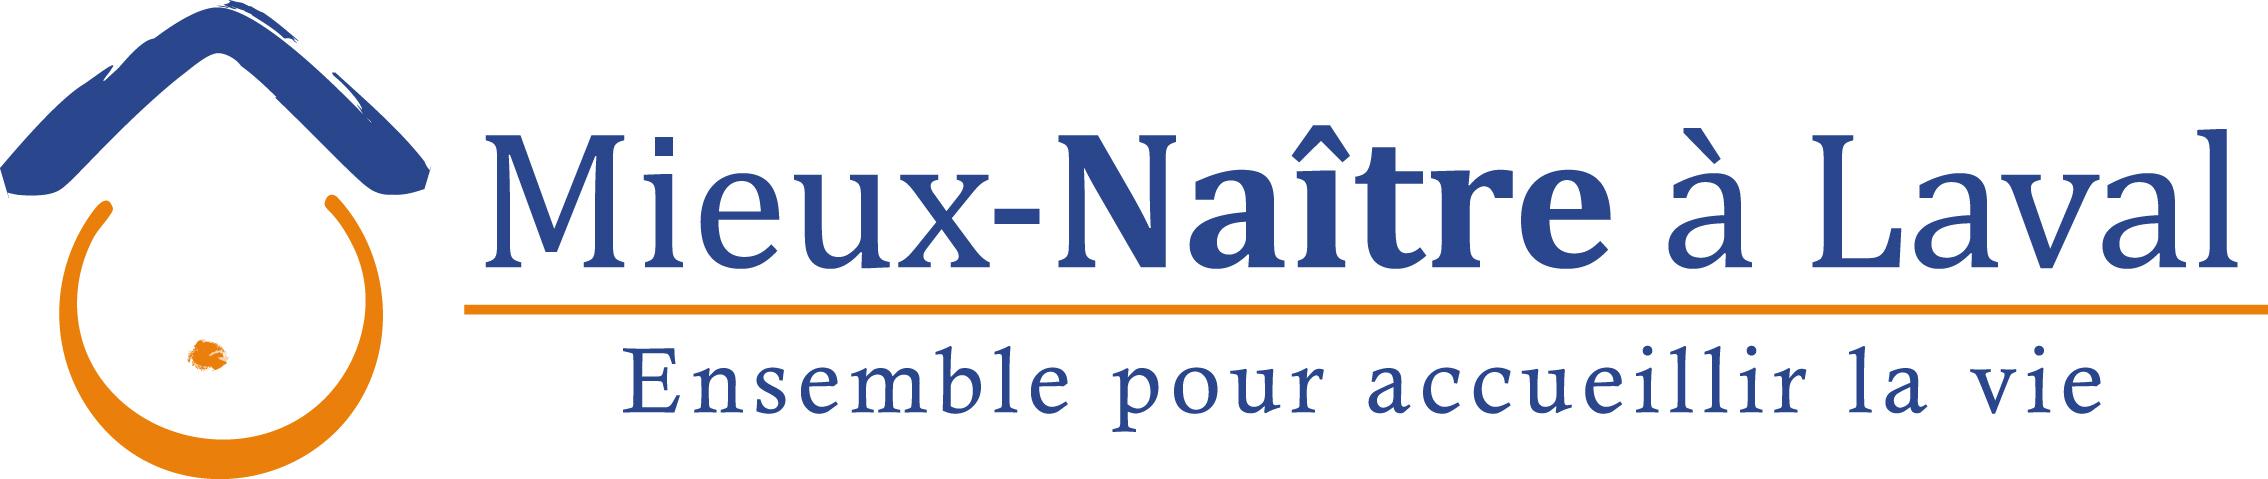 Mieux-Naître à Laval